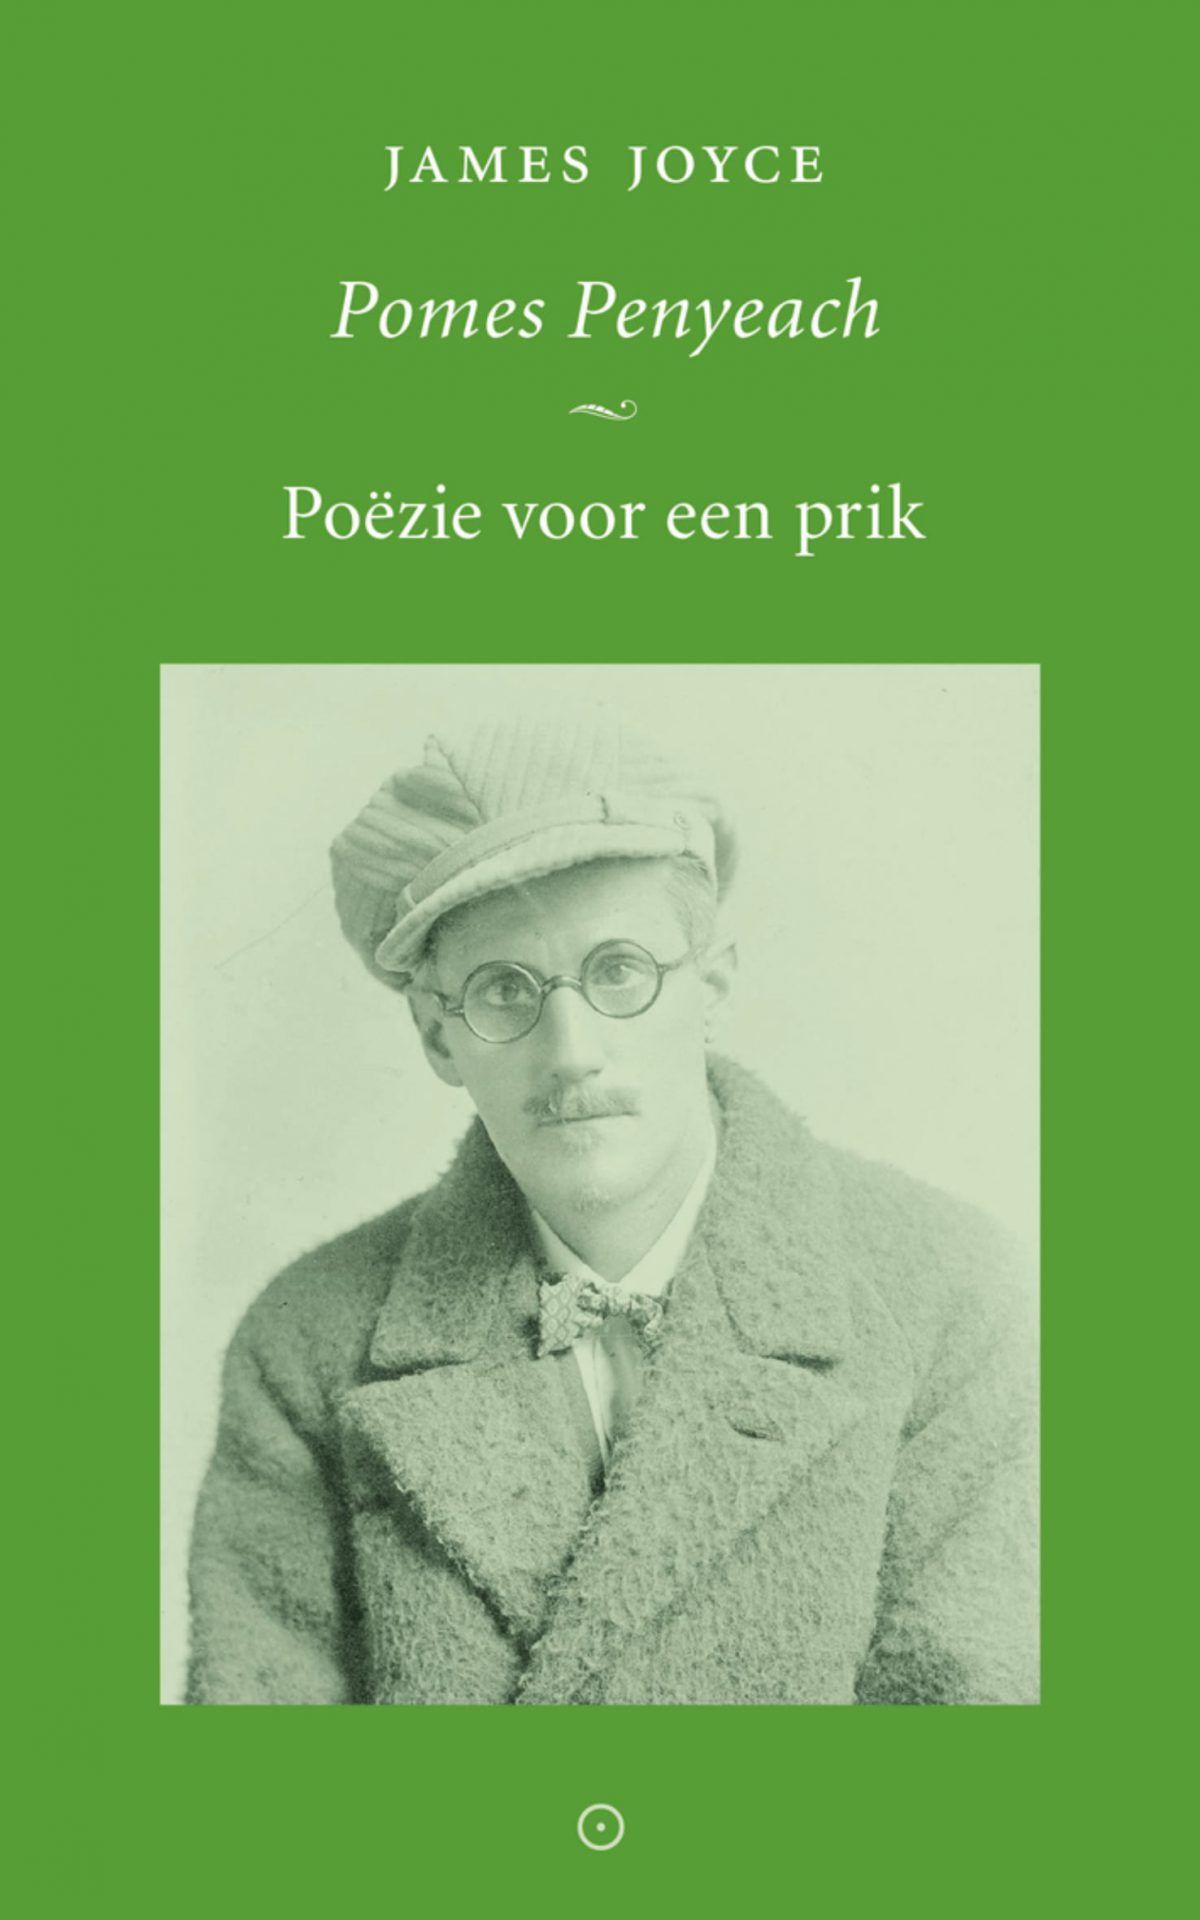 Poëzie voor een prik – James Joyce